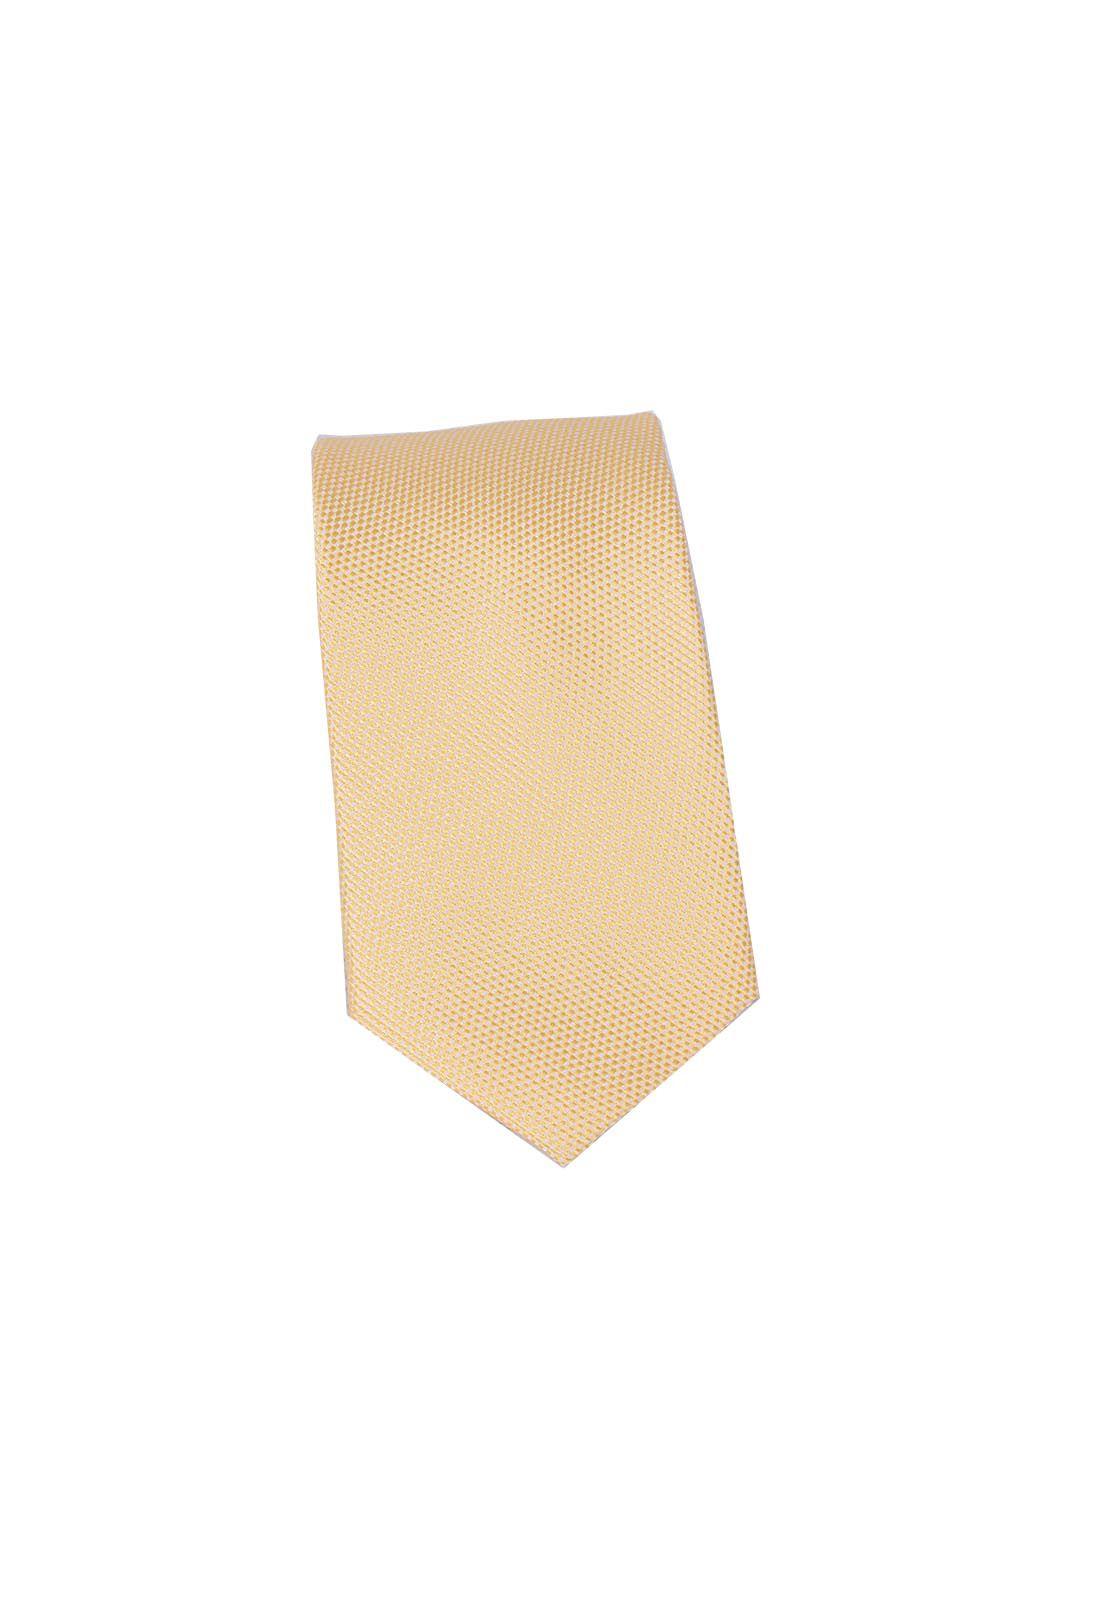 4031 - Gravata Slim Amarela - LEVOK